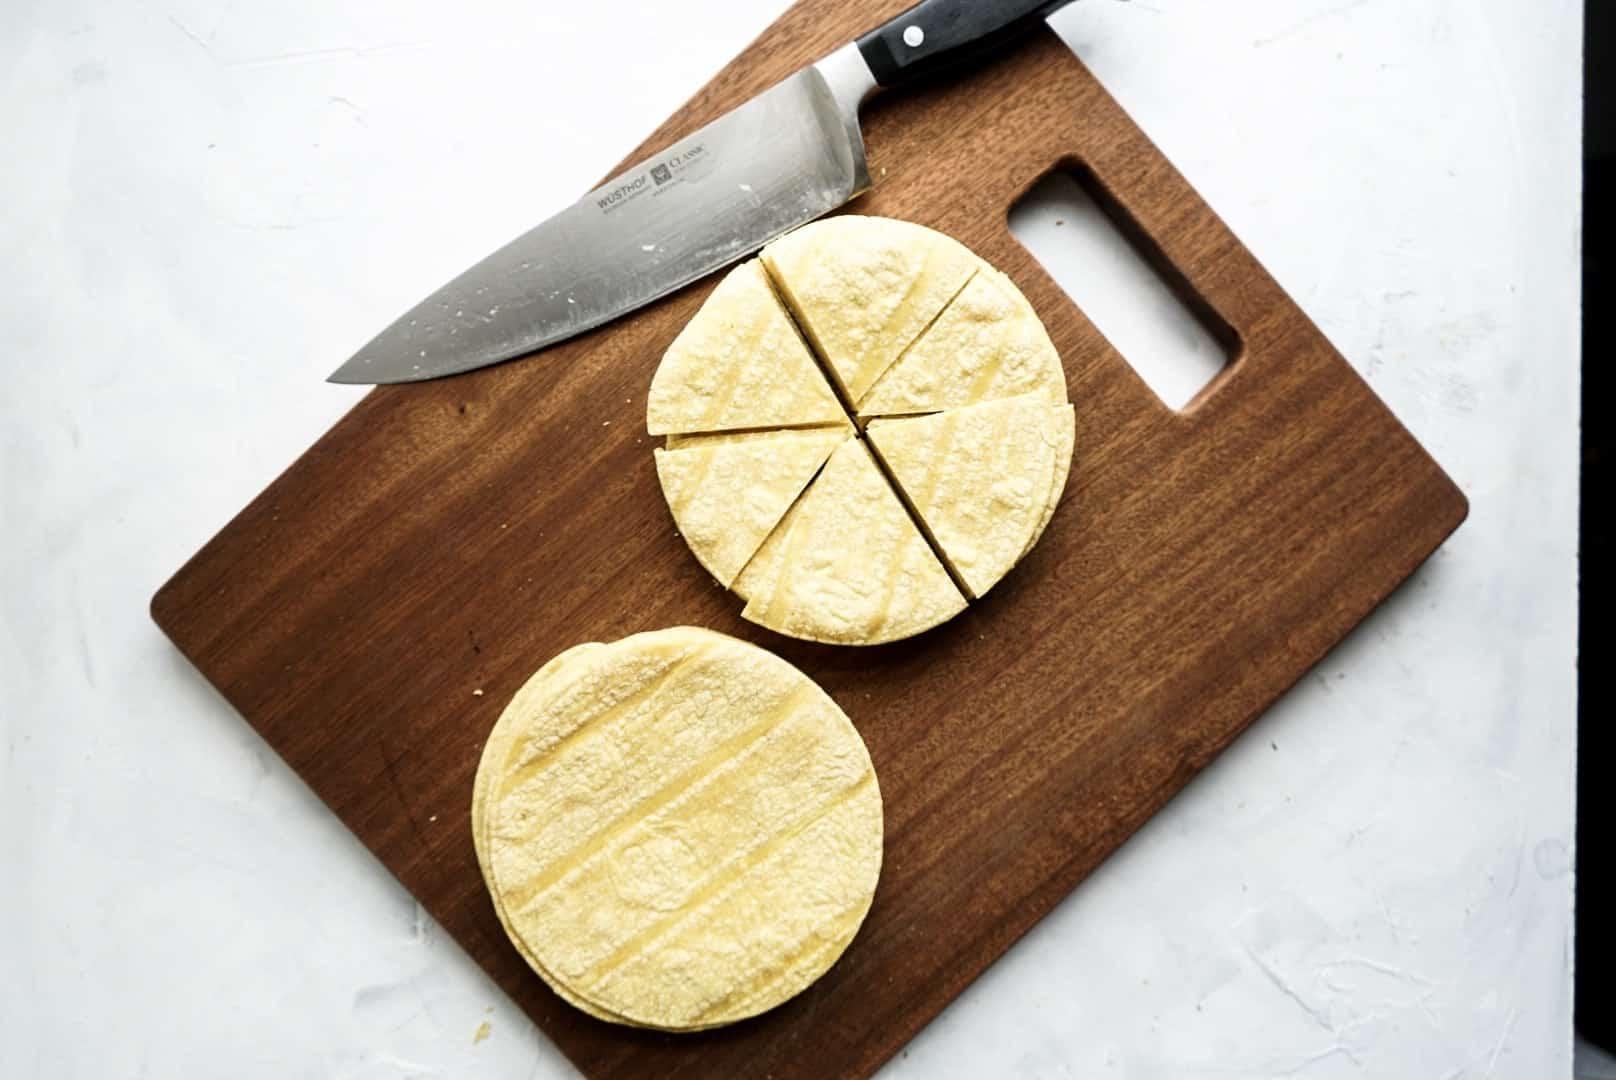 tortillas sliced for frying